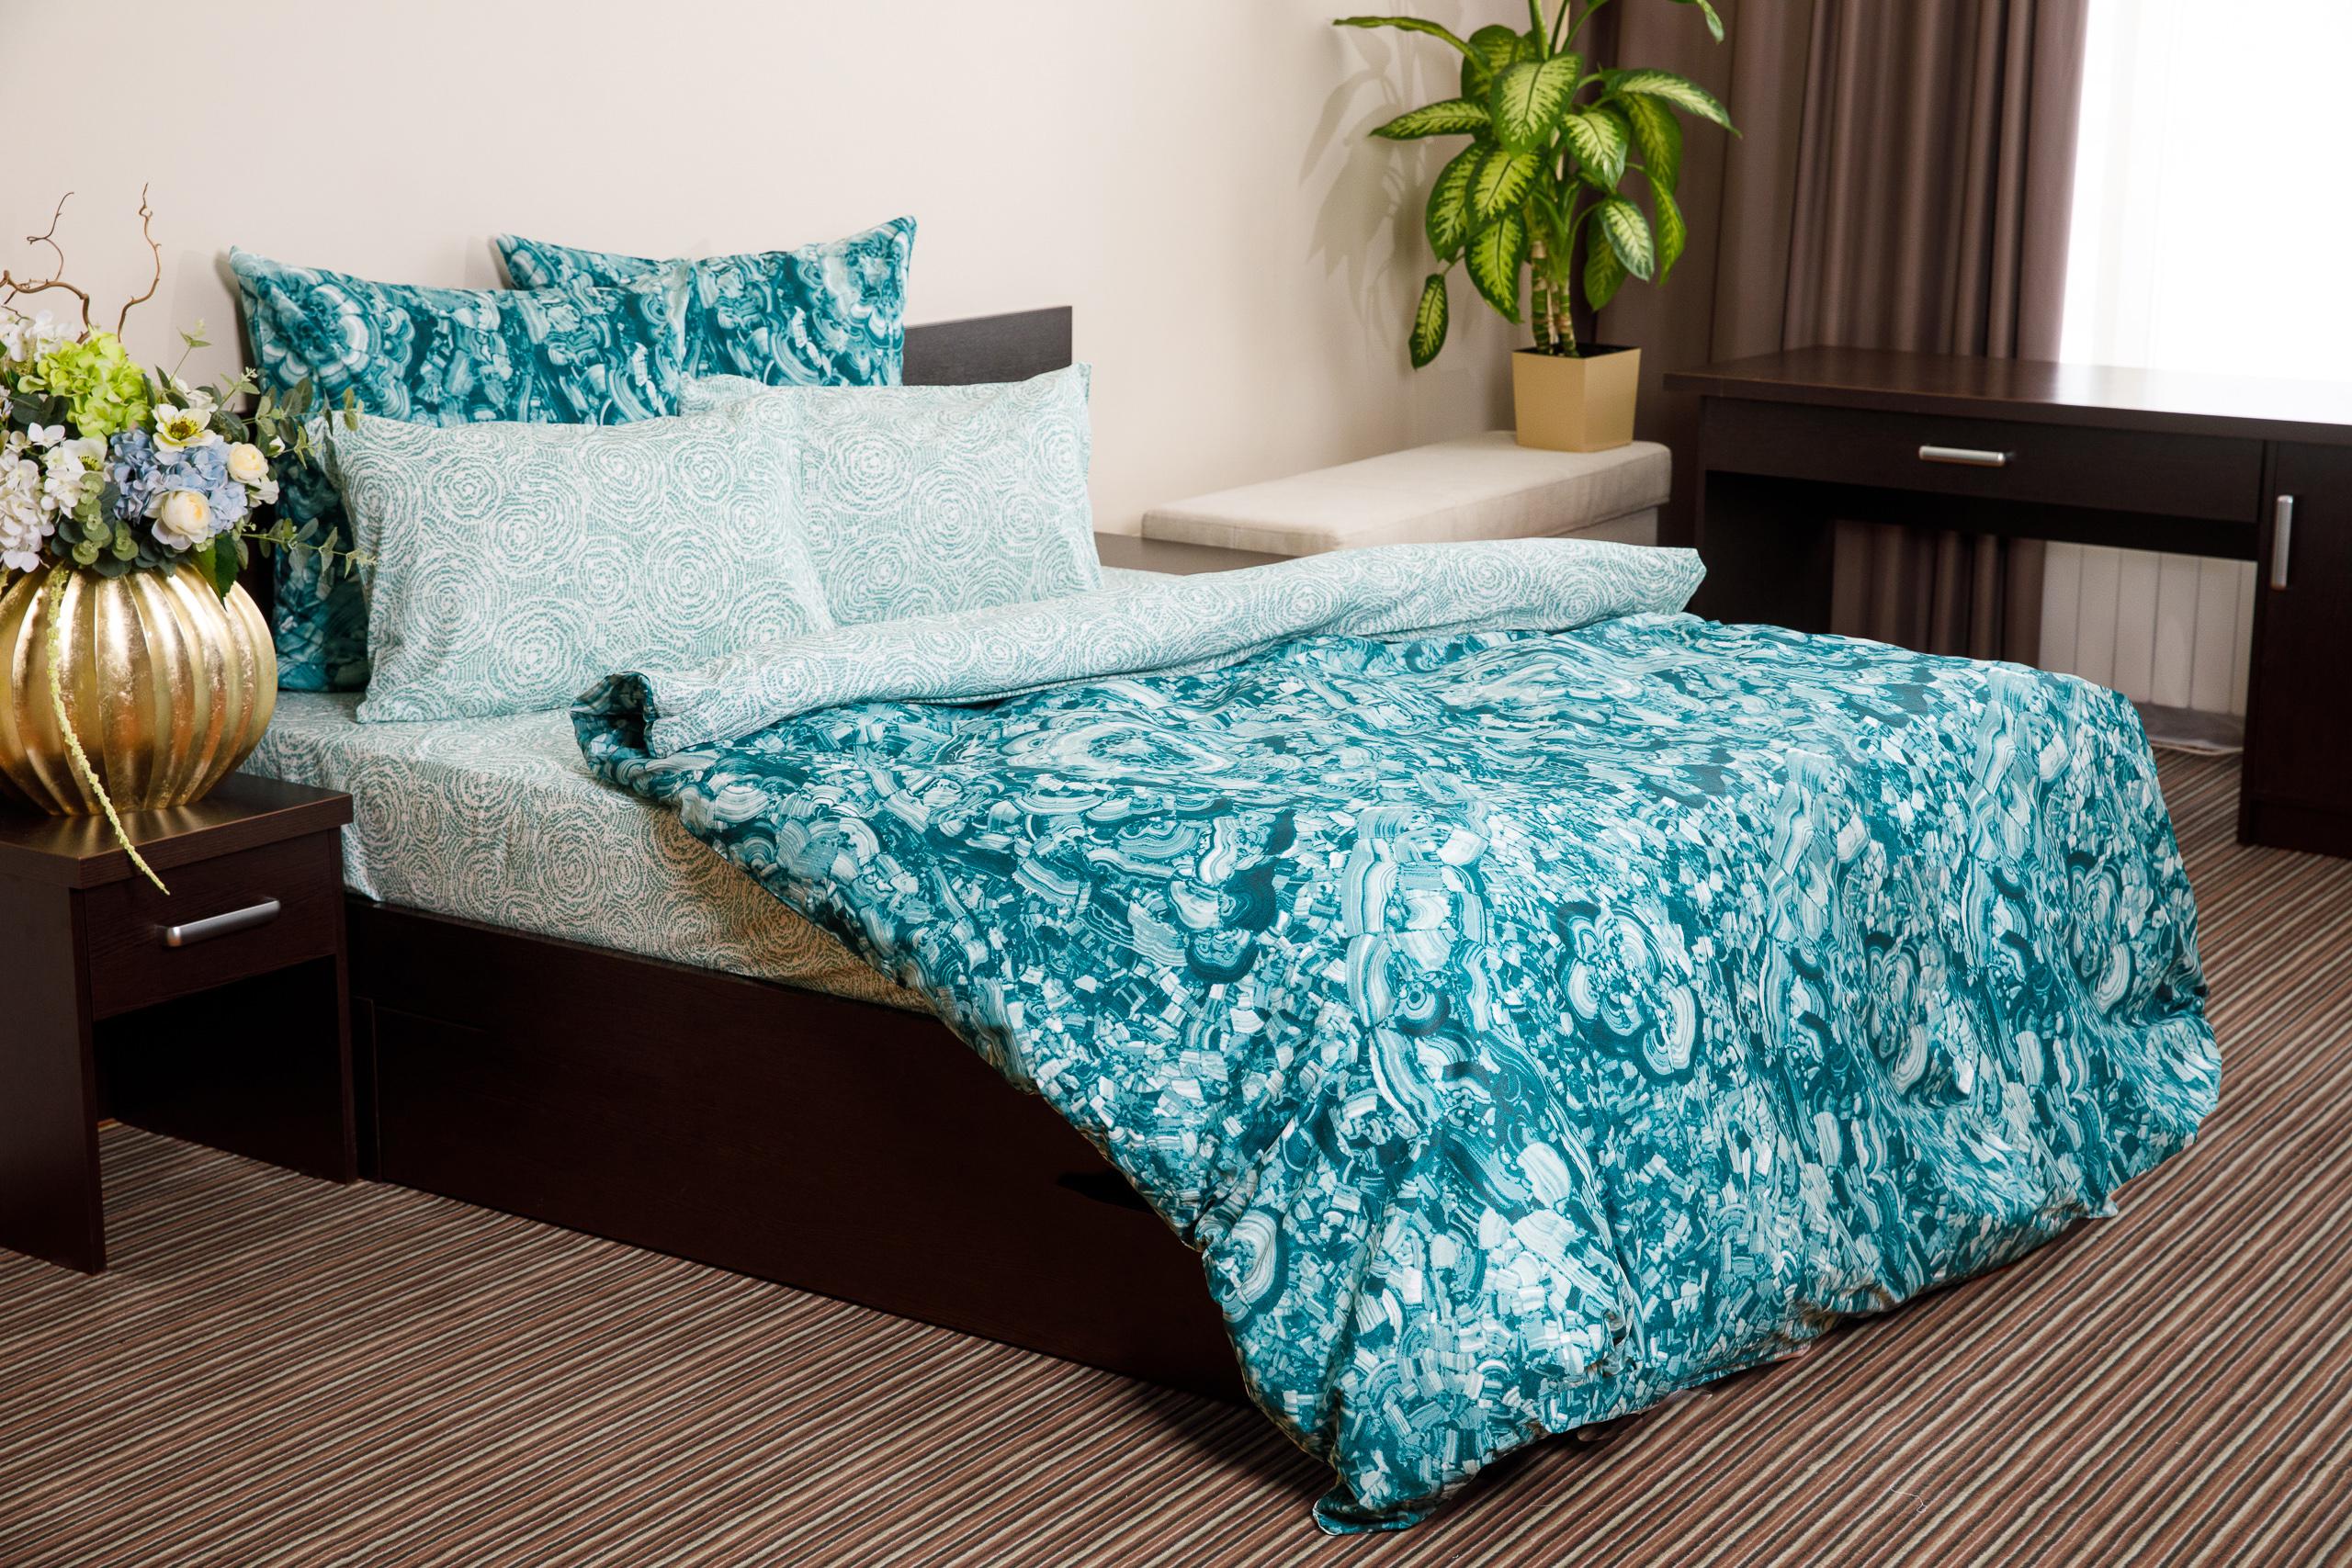 Комплект постельного белья Ночь нежна Ariana (2 спальное)